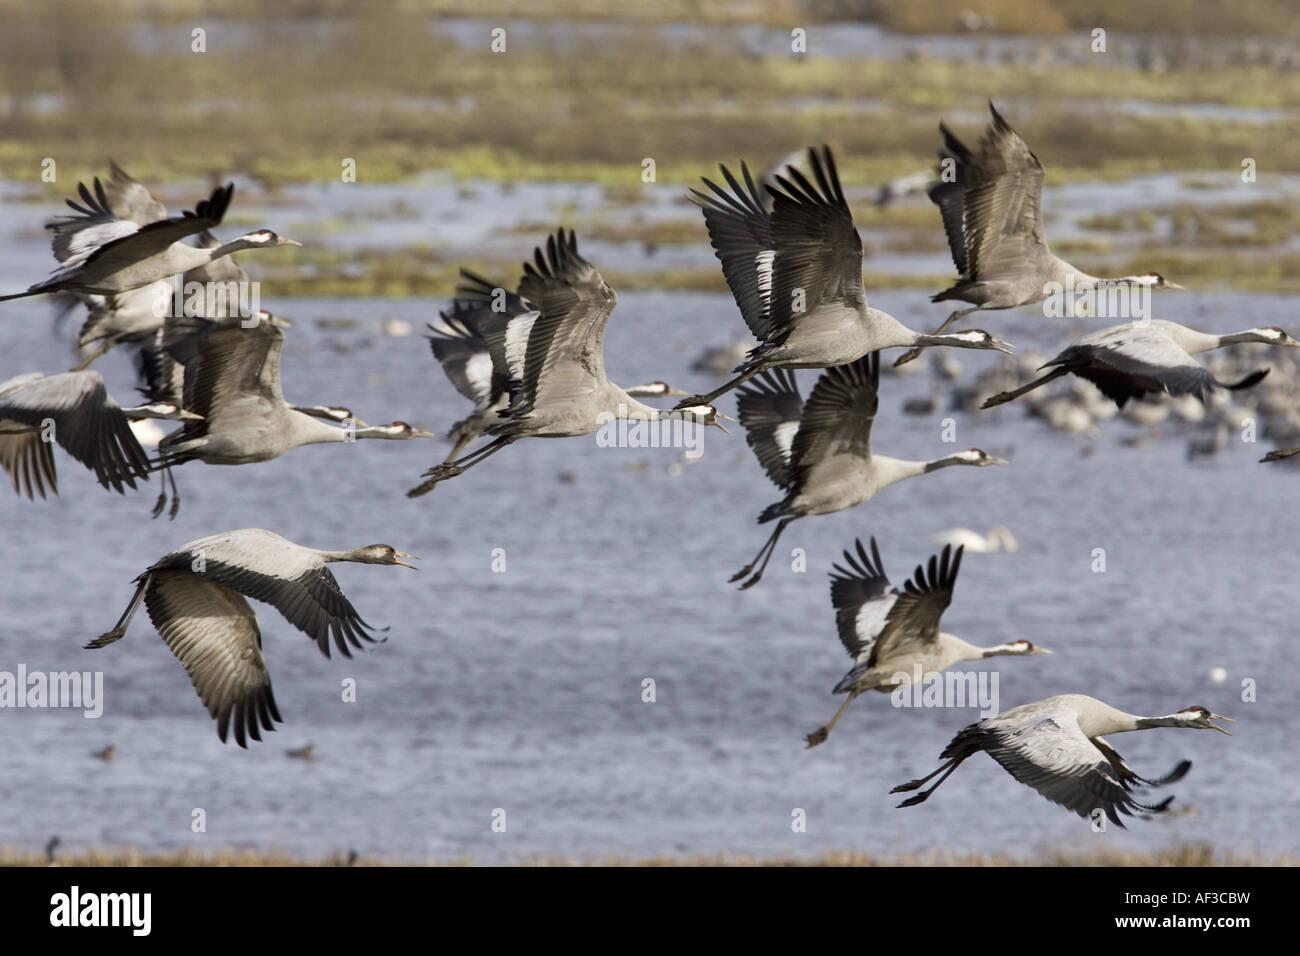 common crane (Grus grus), flying group, Sweden, Hornborgasjoen - Stock Image